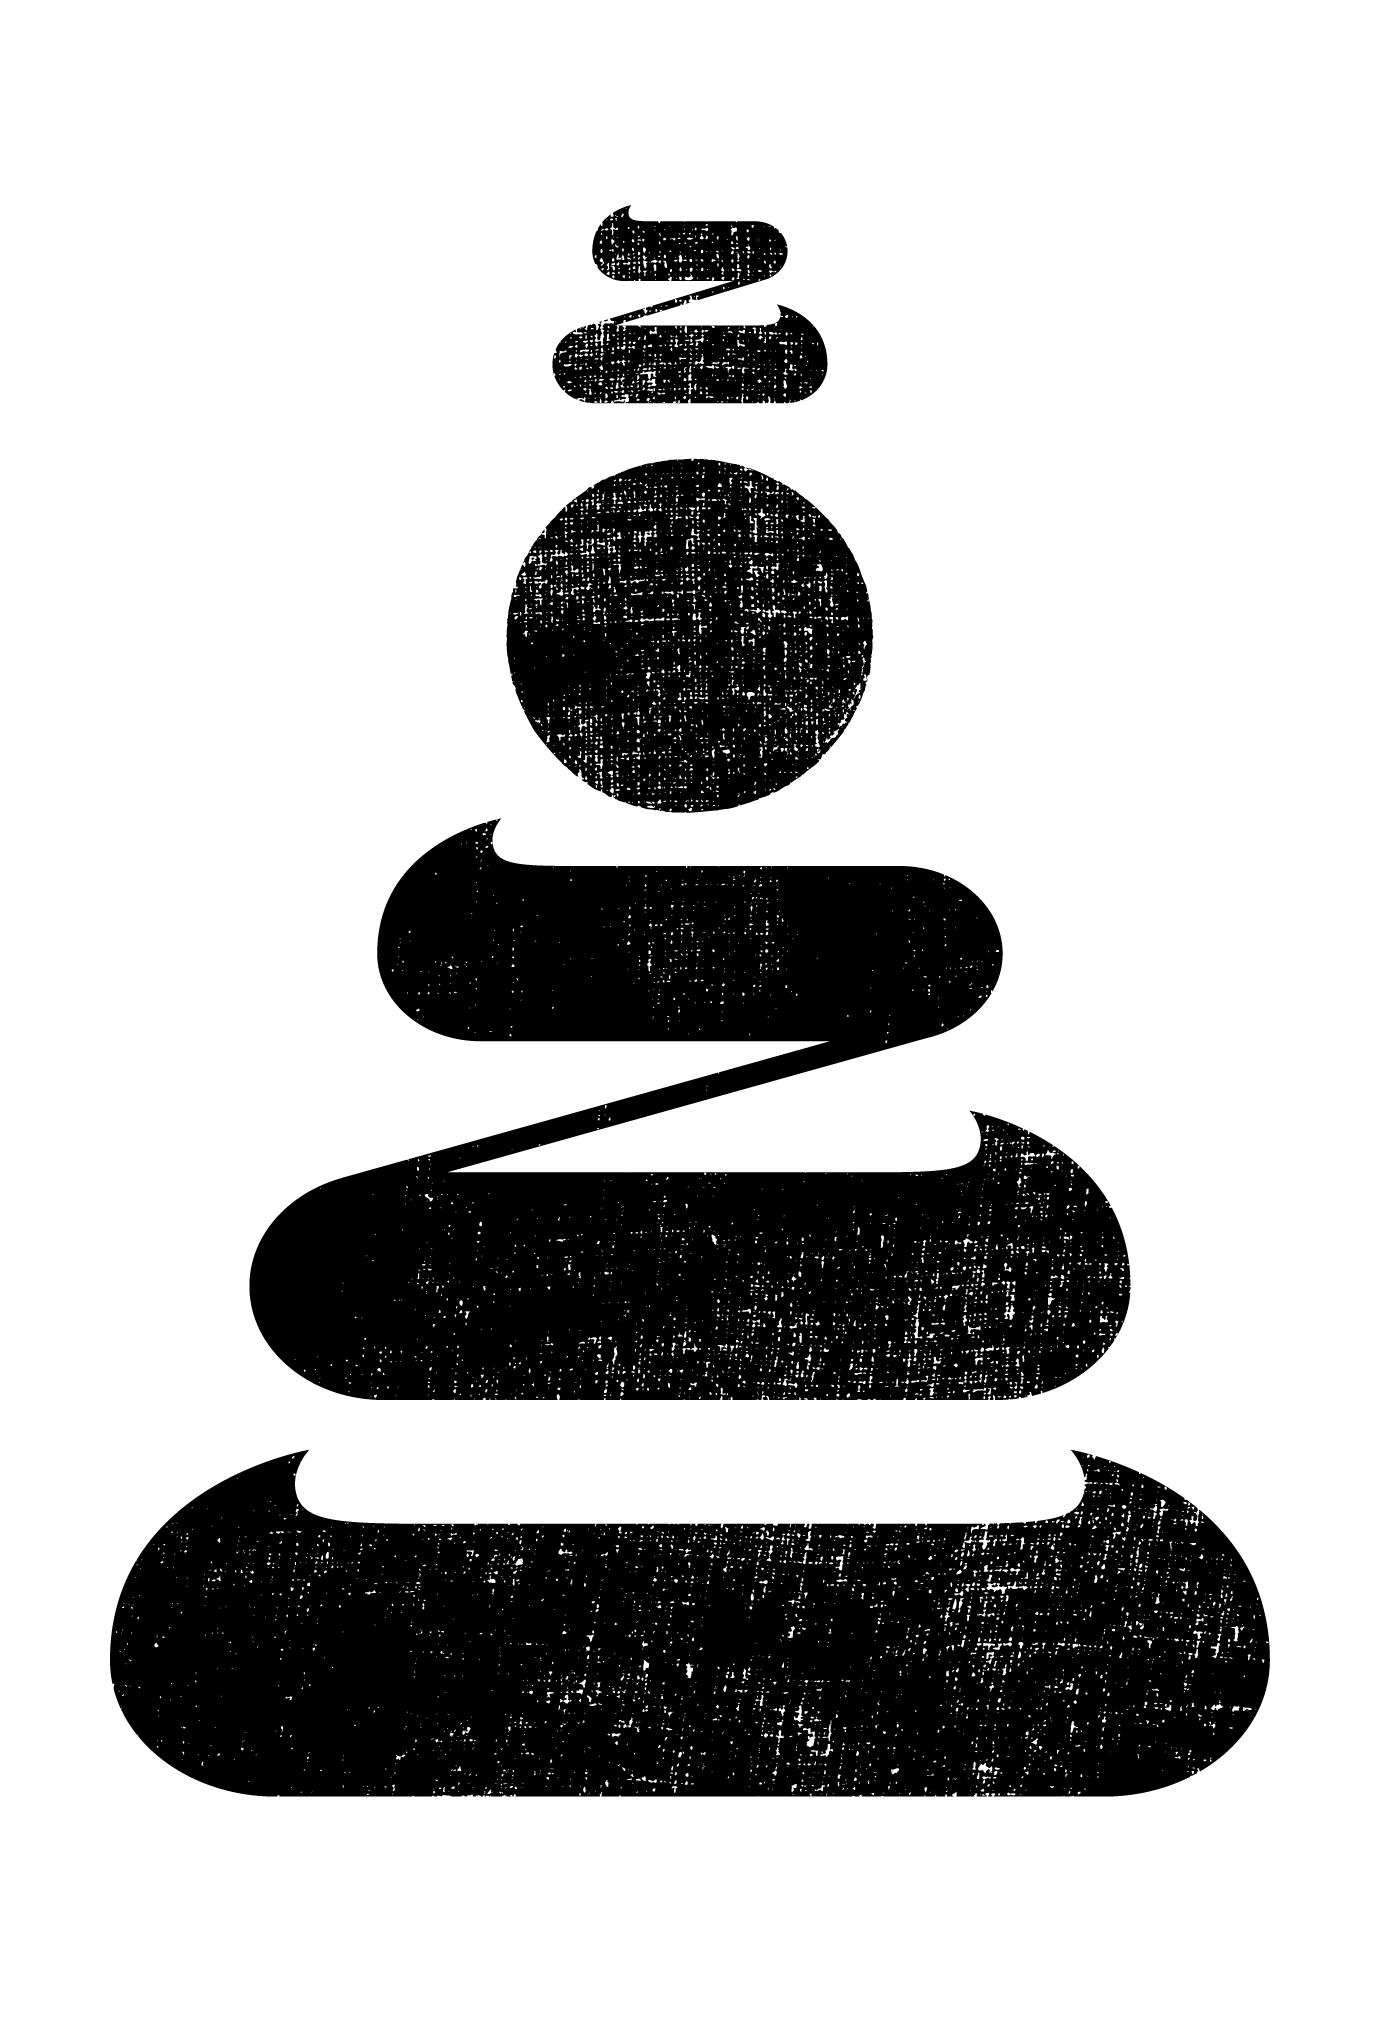 2021年賀状22-2:鏡餅二〇二一 / 縦 Bのダウンロード画像